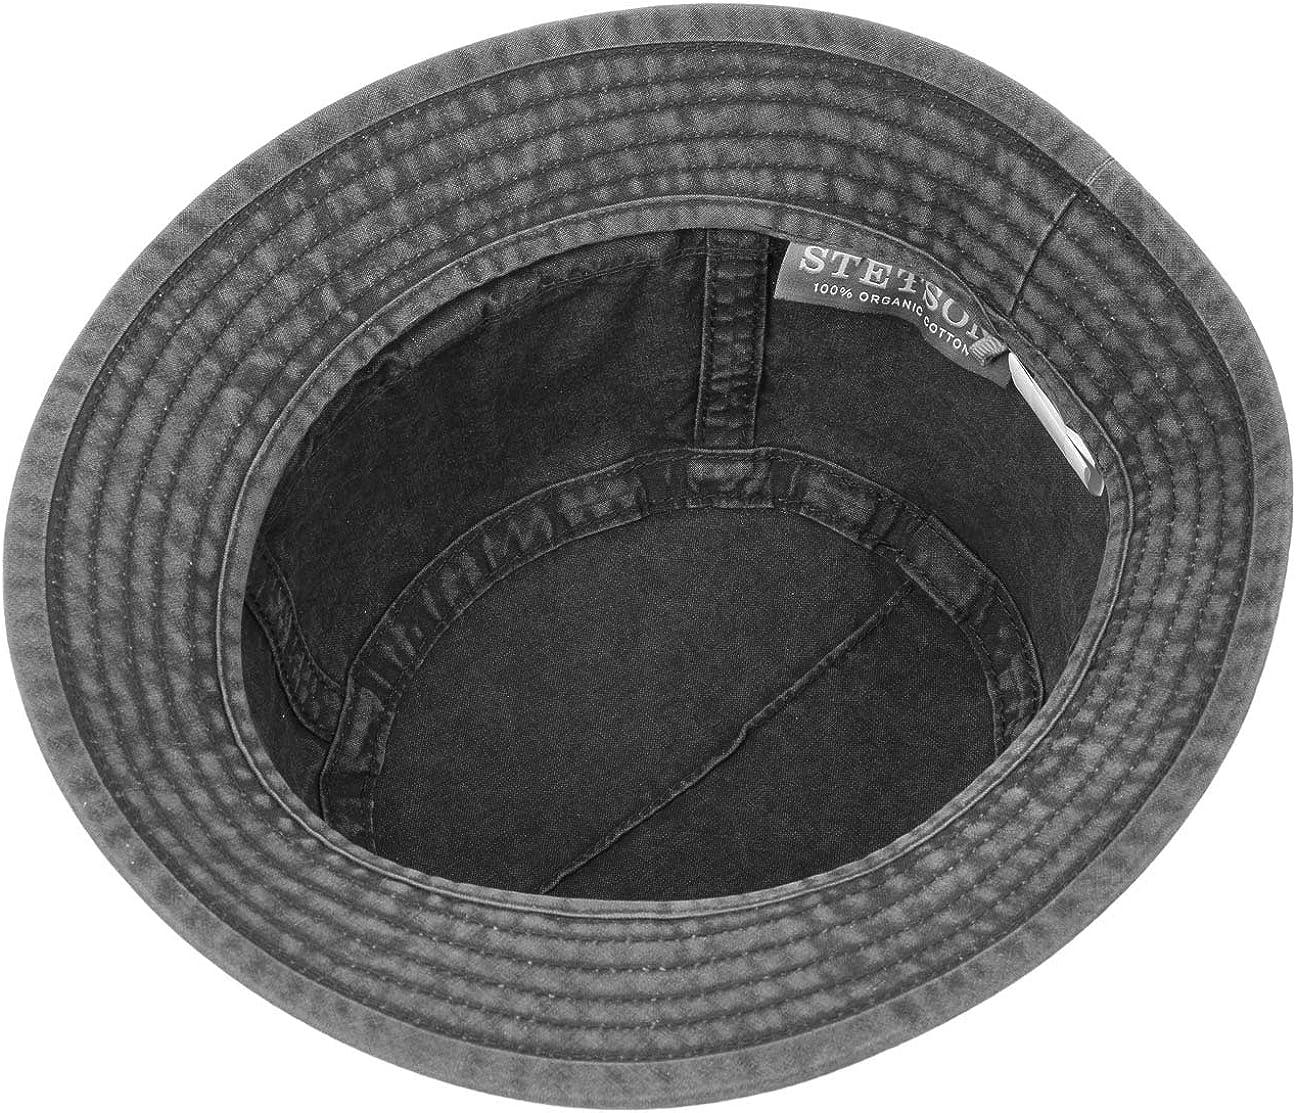 Stetson Gander Cloth Trilby Men Floppy hat Cotton Spring-Summer